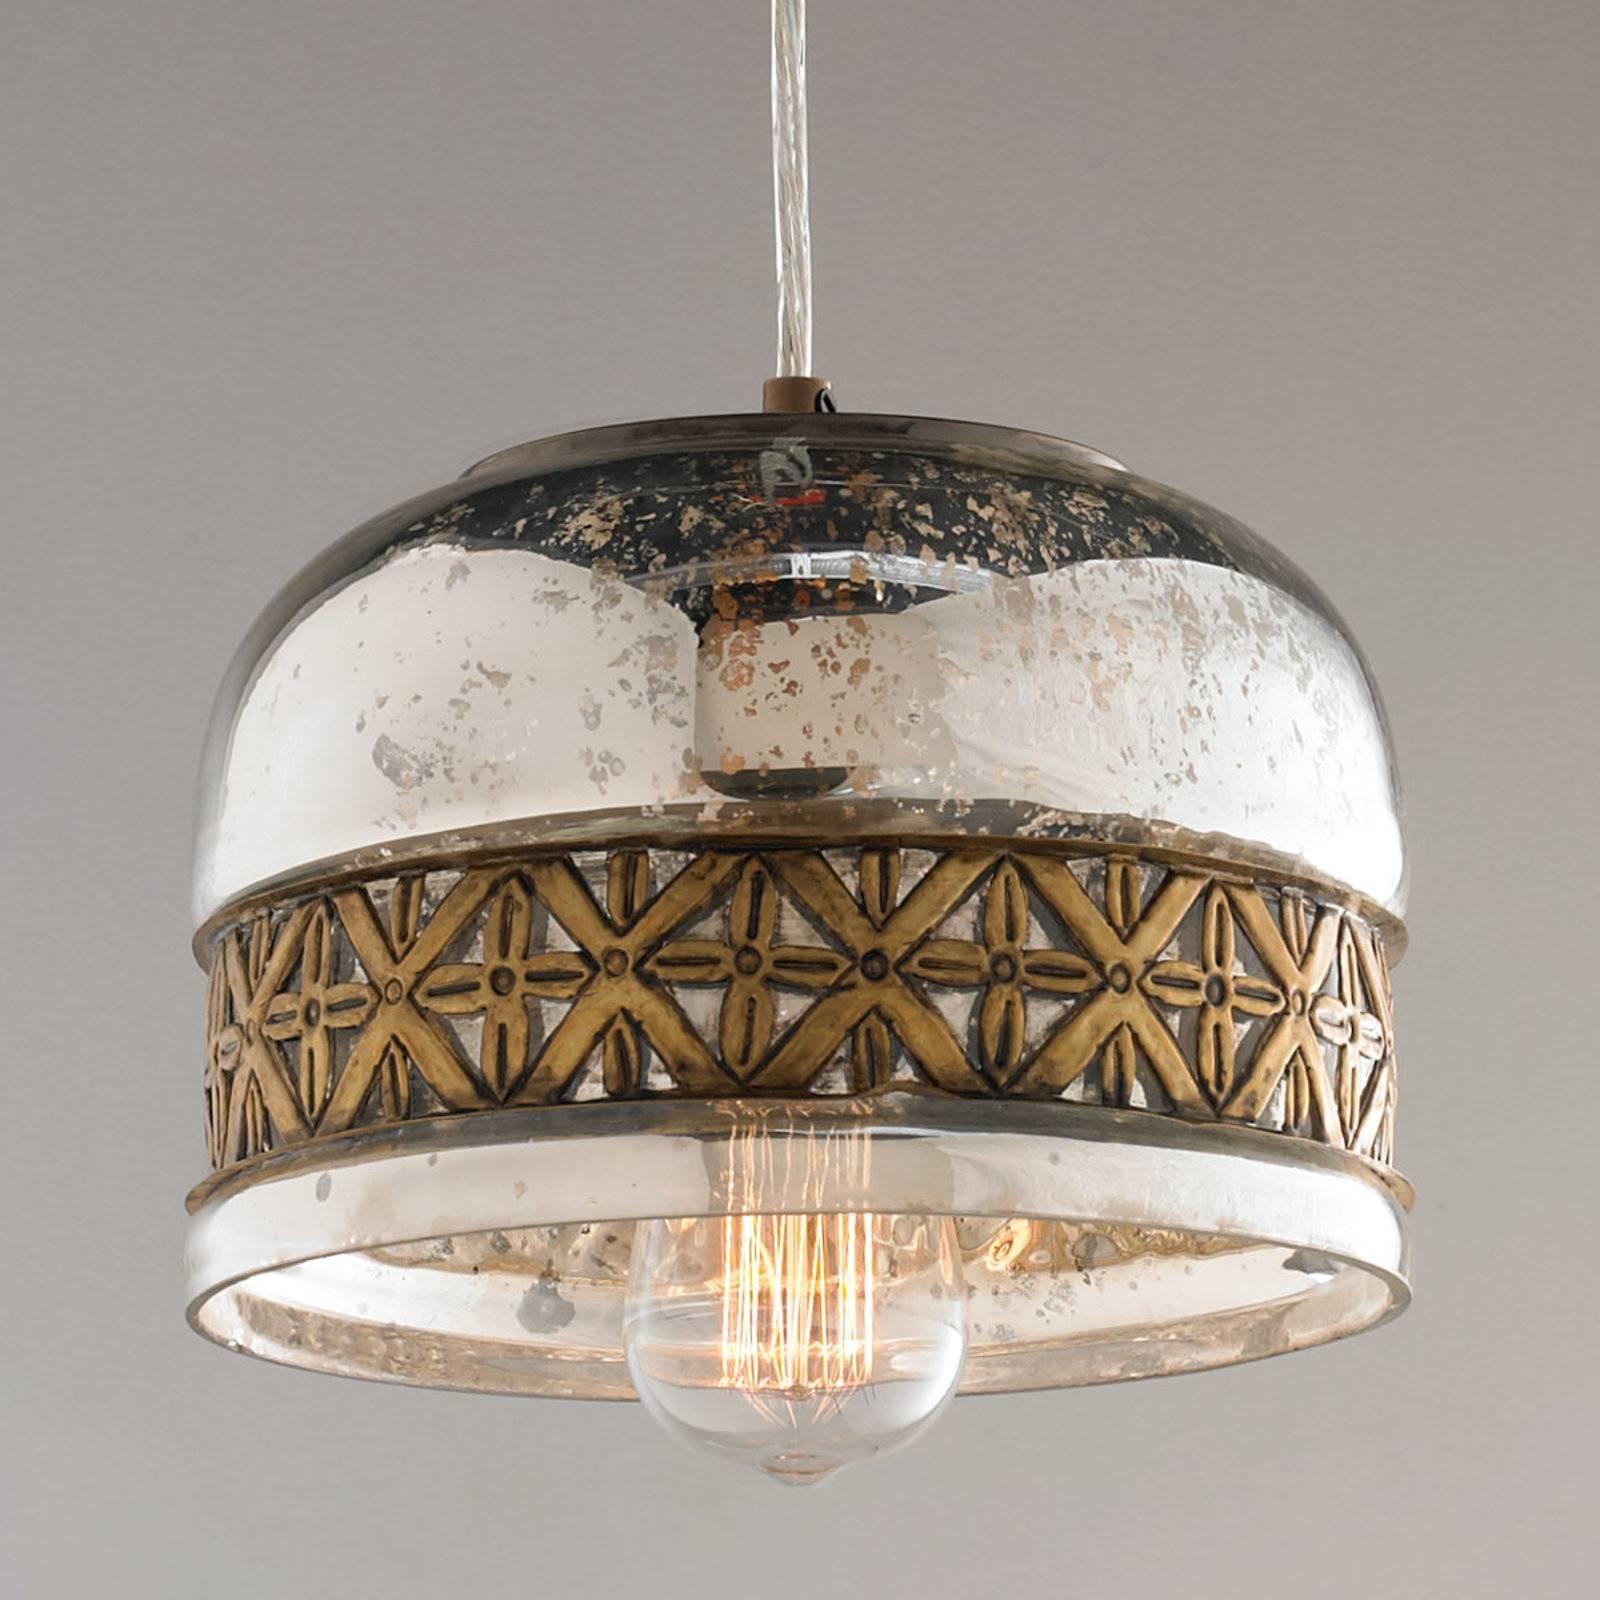 Chandelier: Fascinating Mercury Glass Chandelier | Cool Mercury with regard to Mercury Glass Lighting Fixtures (Image 3 of 15)